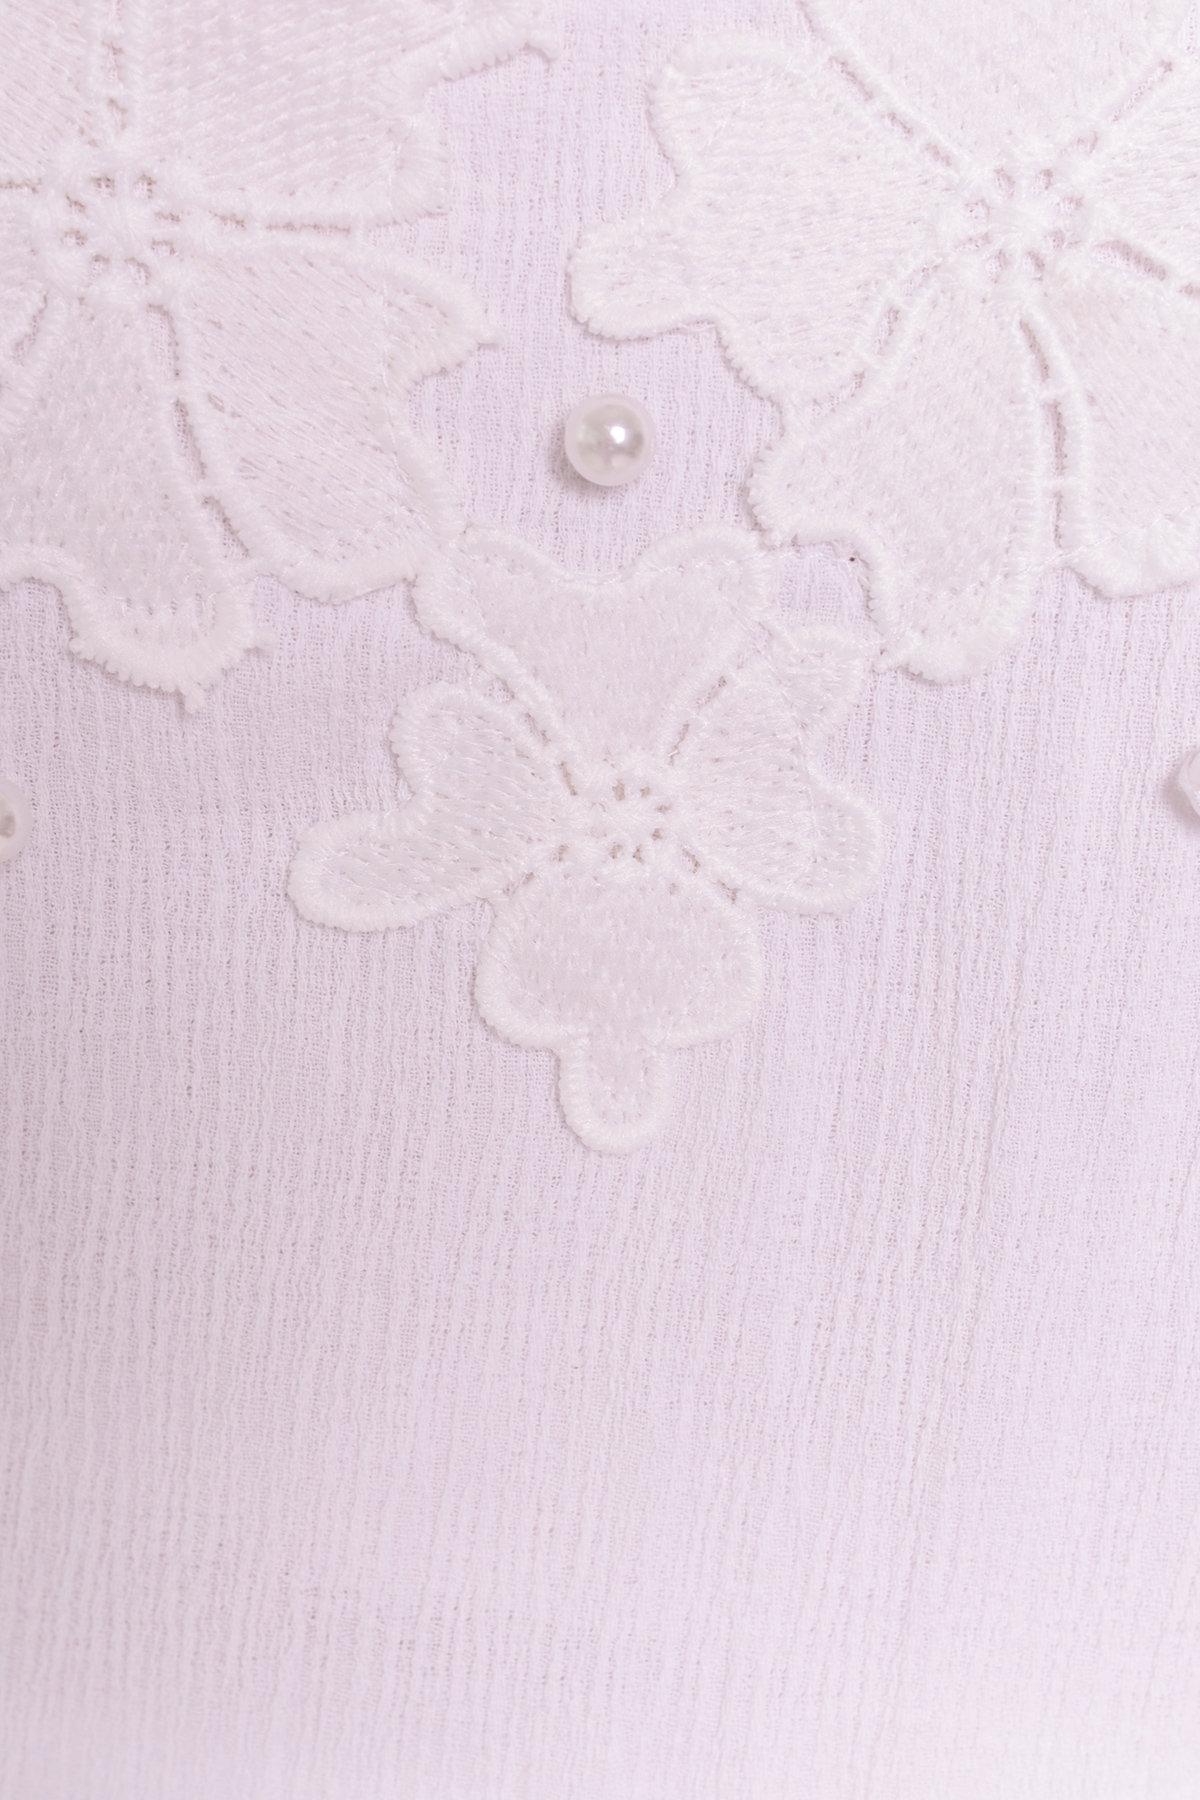 Комбинезон Брайт 3156 Цвет: Белый